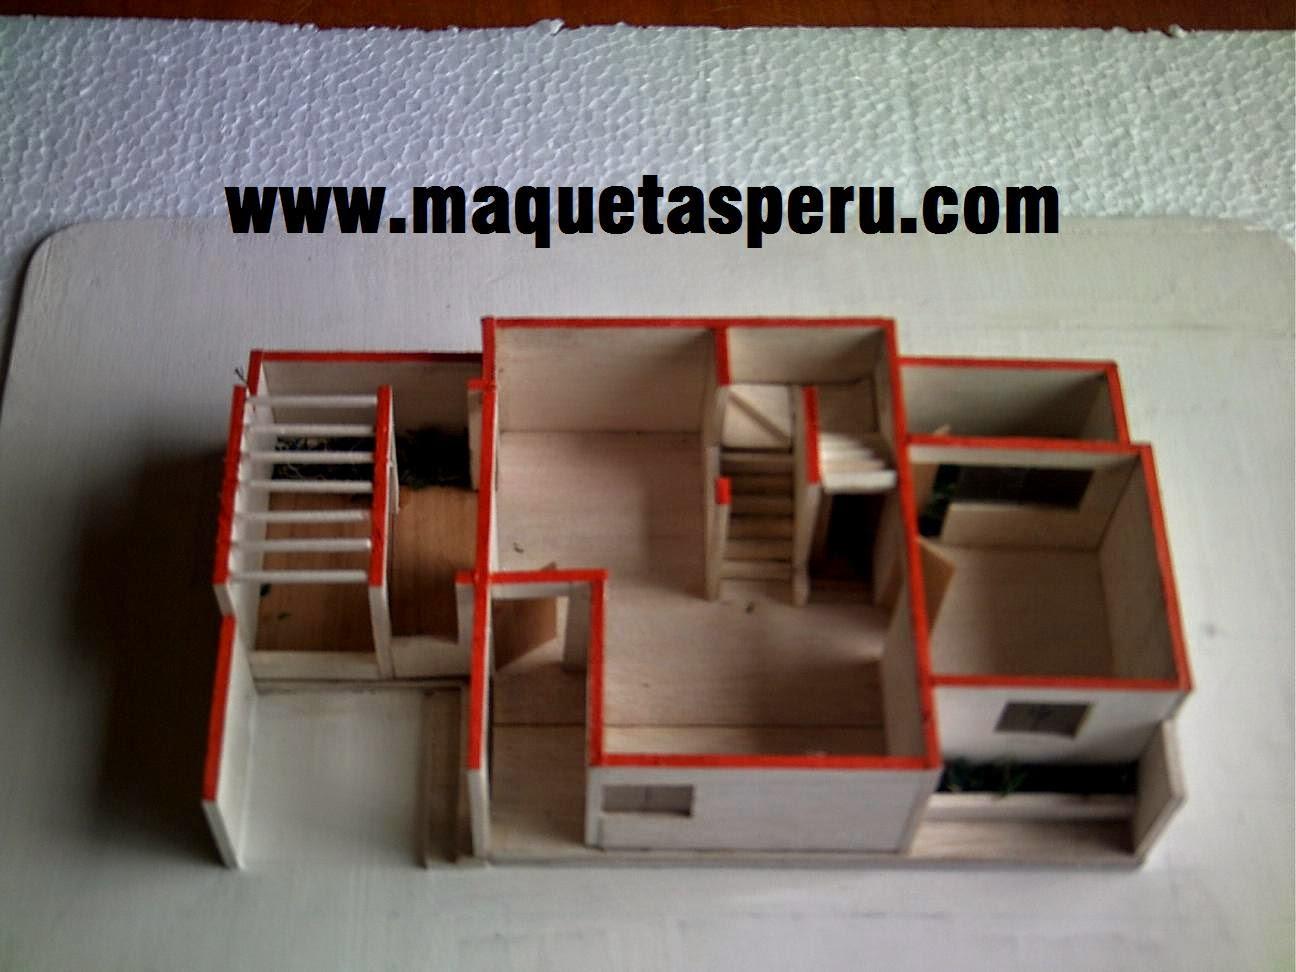 Maquetas escolares cel 977524113 whatsapp como hacer for Diseno de interiores que hace